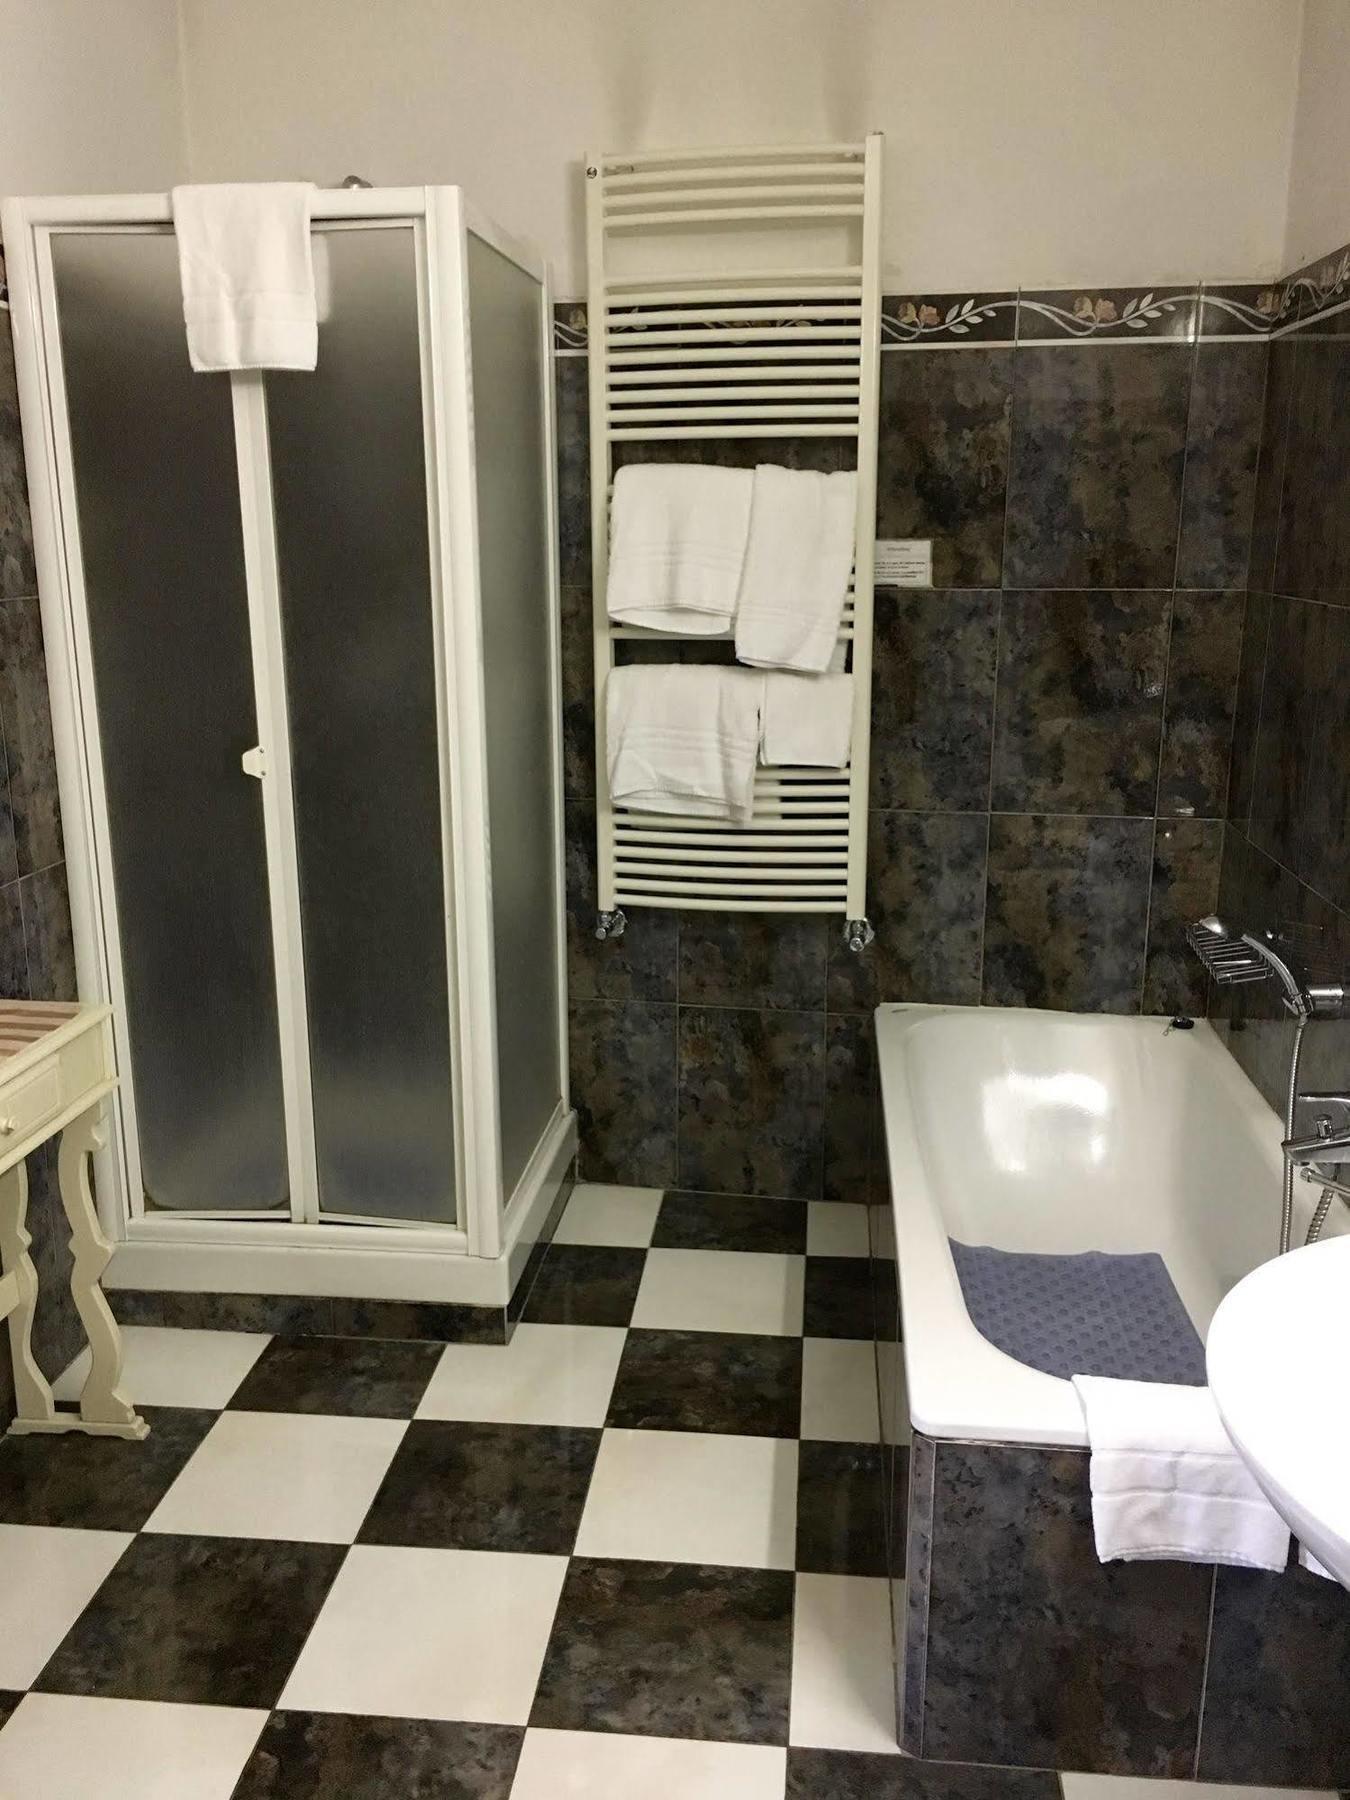 HOTEL SOGGIORNO ANTICA TORRE, FLORENCE **